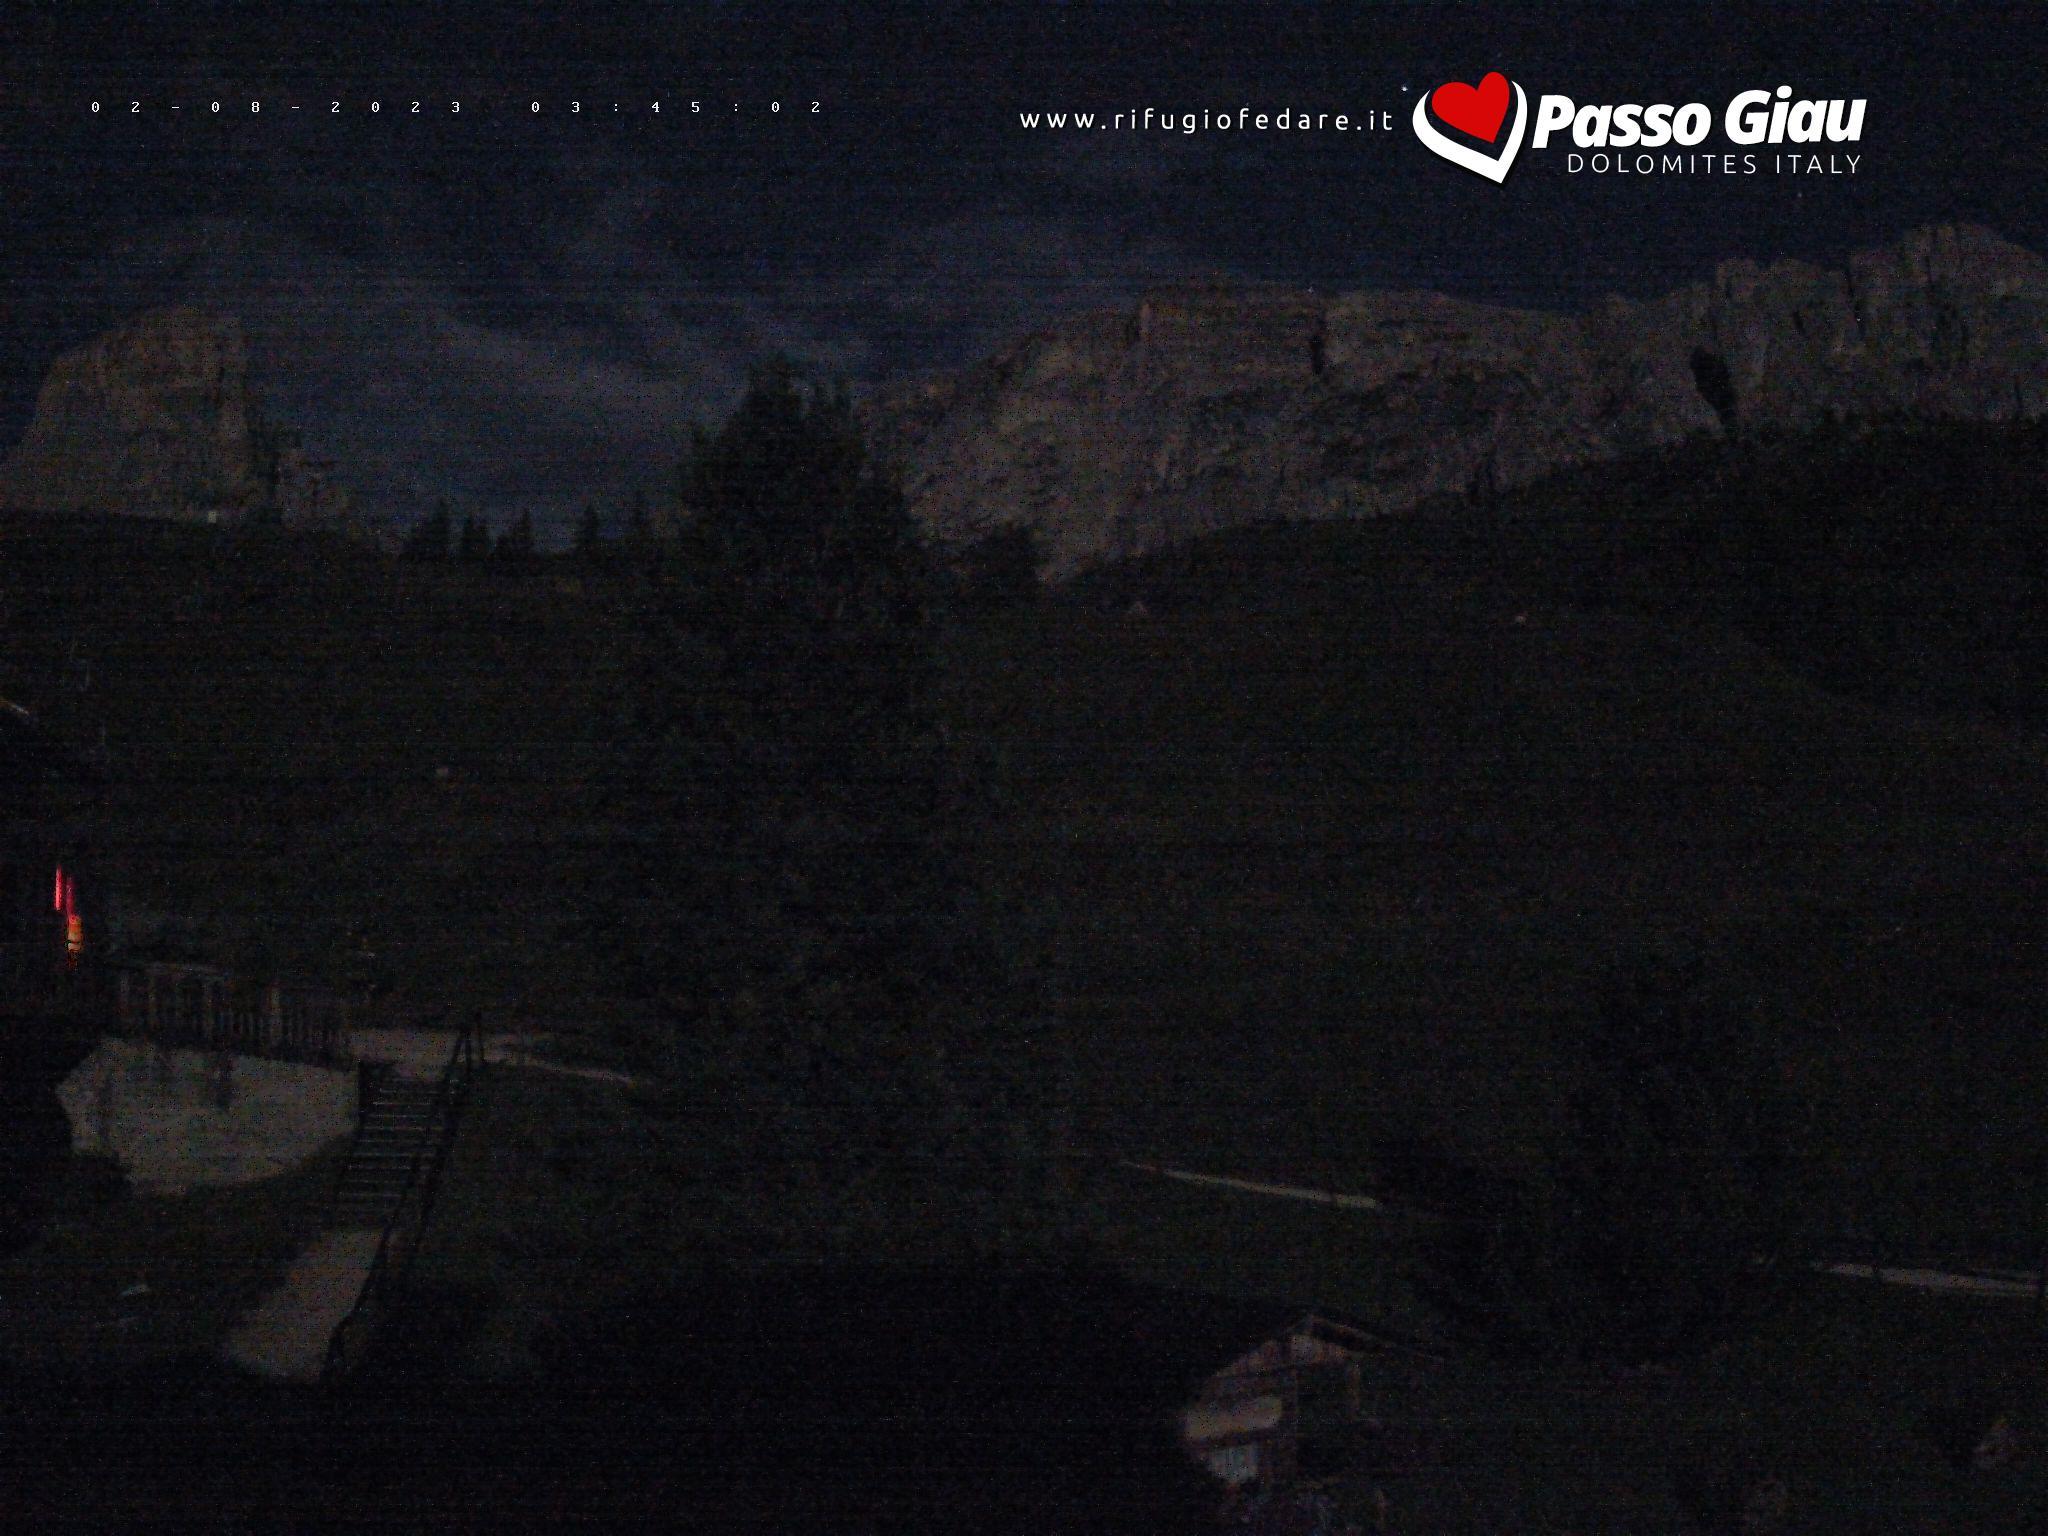 Cable car fedare Giau from Mountain Hut Rifugio fedare